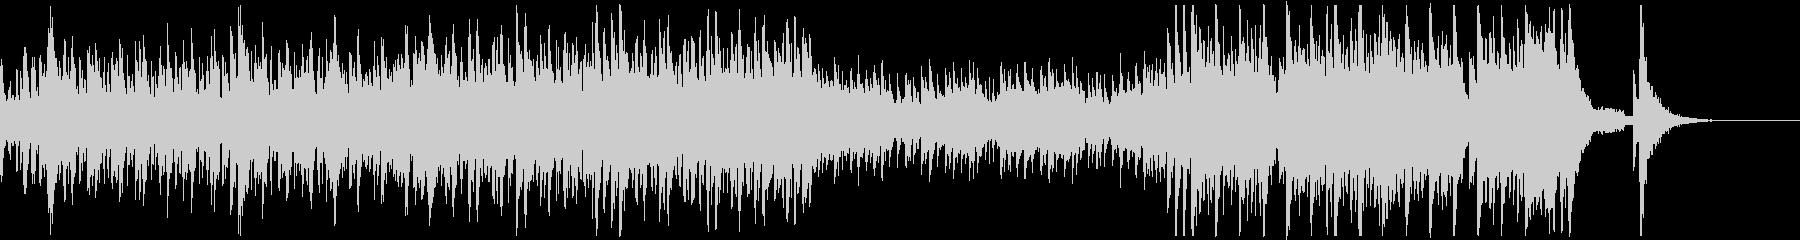 太鼓と三味線と尺八の迫力あるアンサンブルの未再生の波形